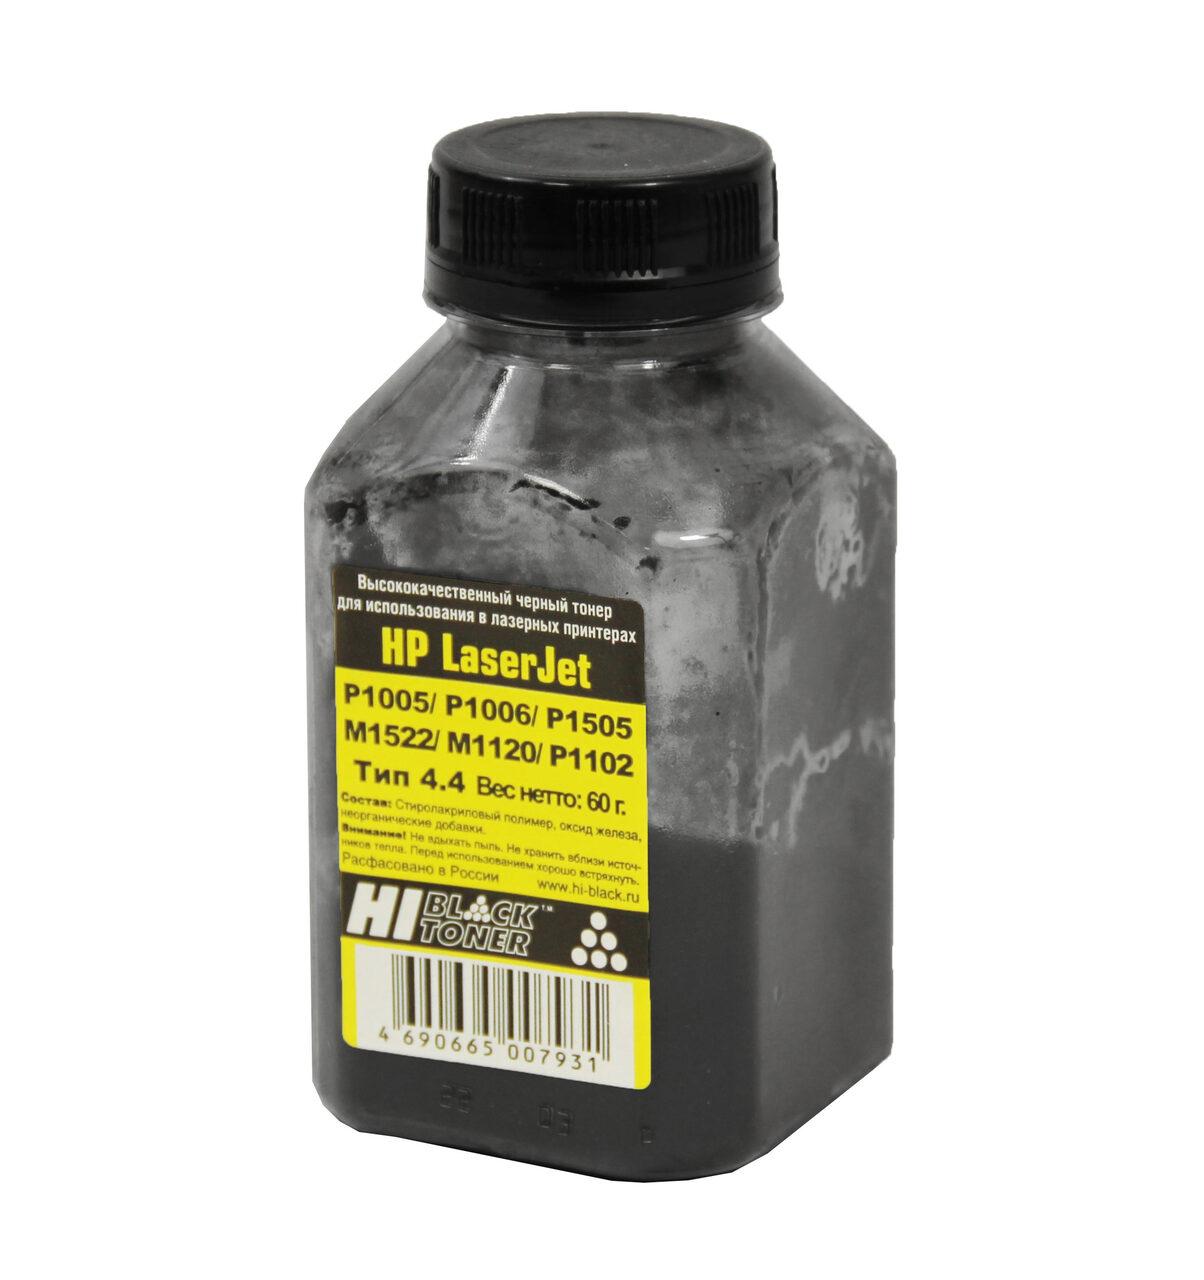 Тонер Hi-Black для HP LJP1005/P1006/P1505/M1522/M1120/P1102, Тип 4.4, Bk, 60 г,банка